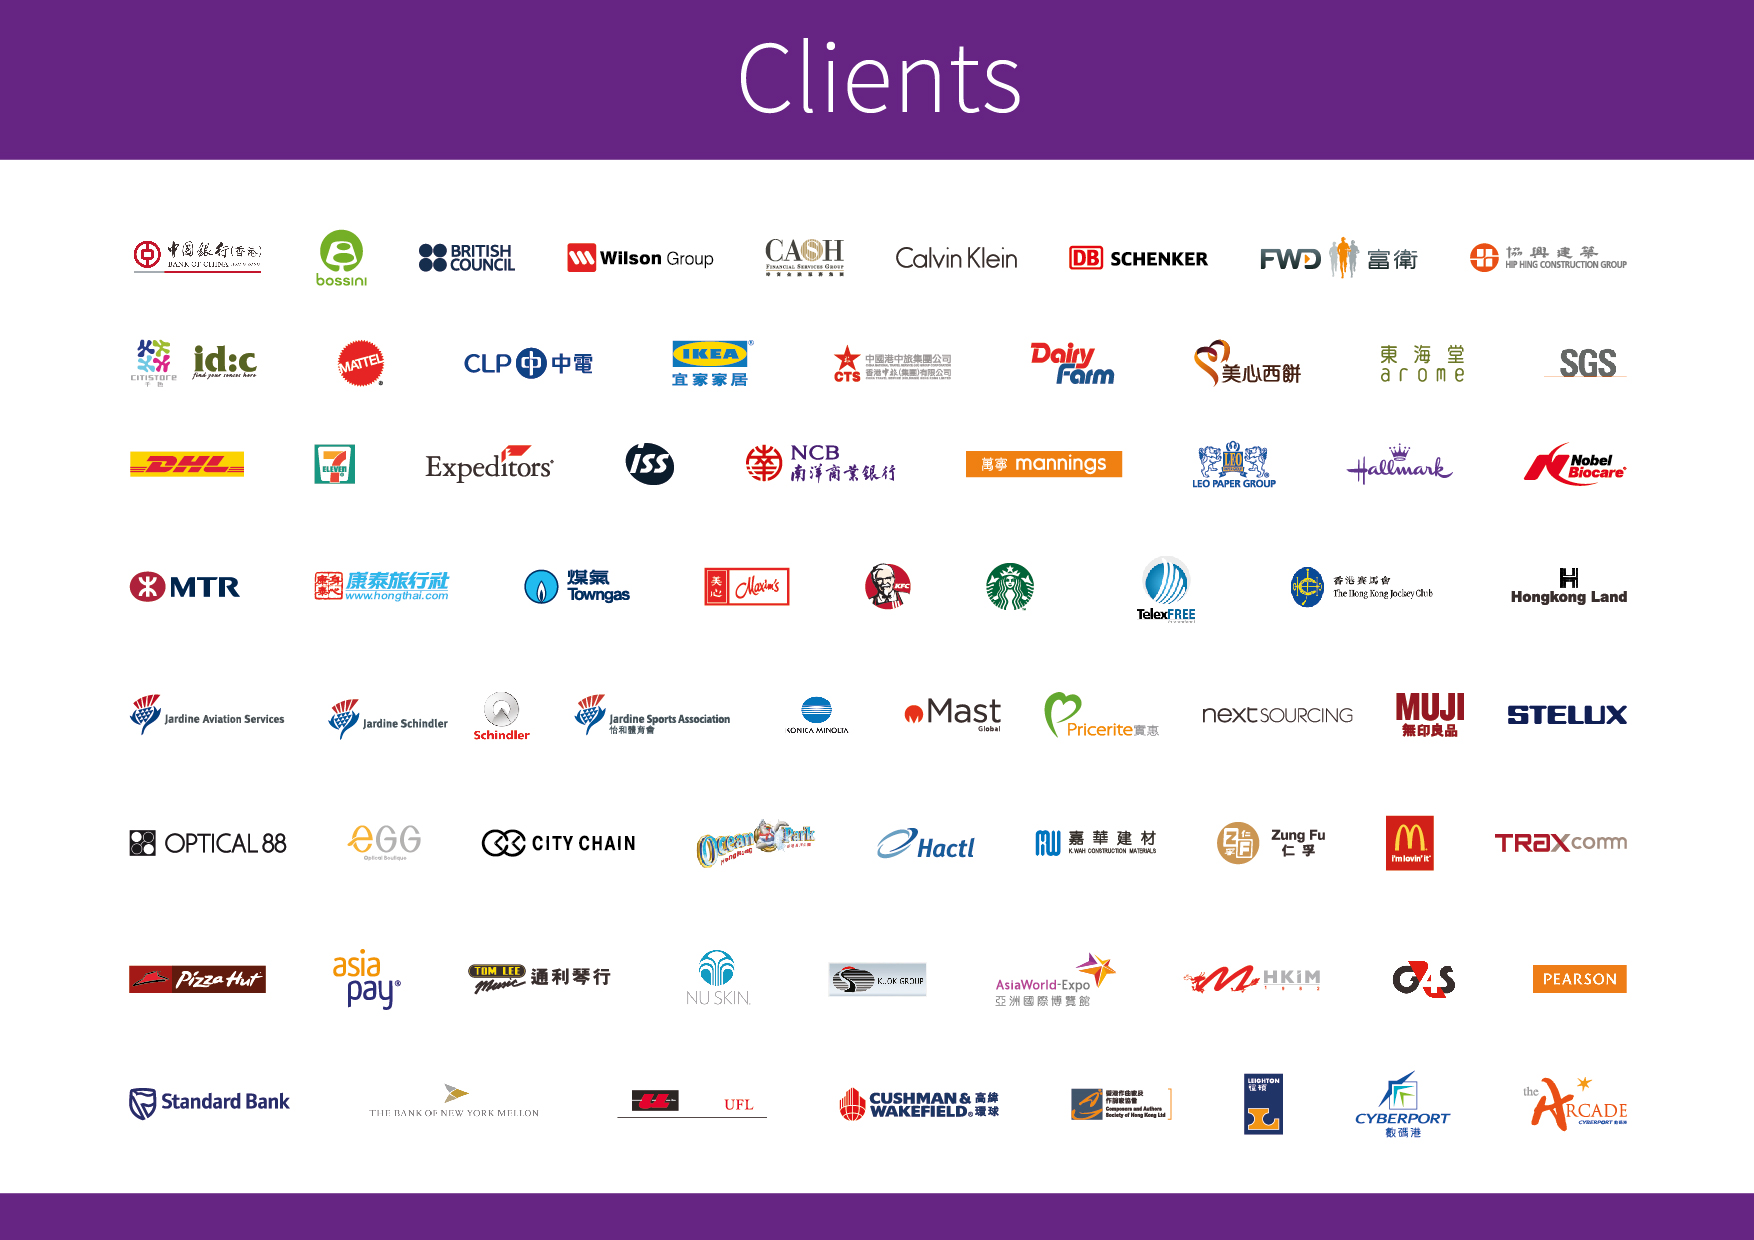 Clients-01